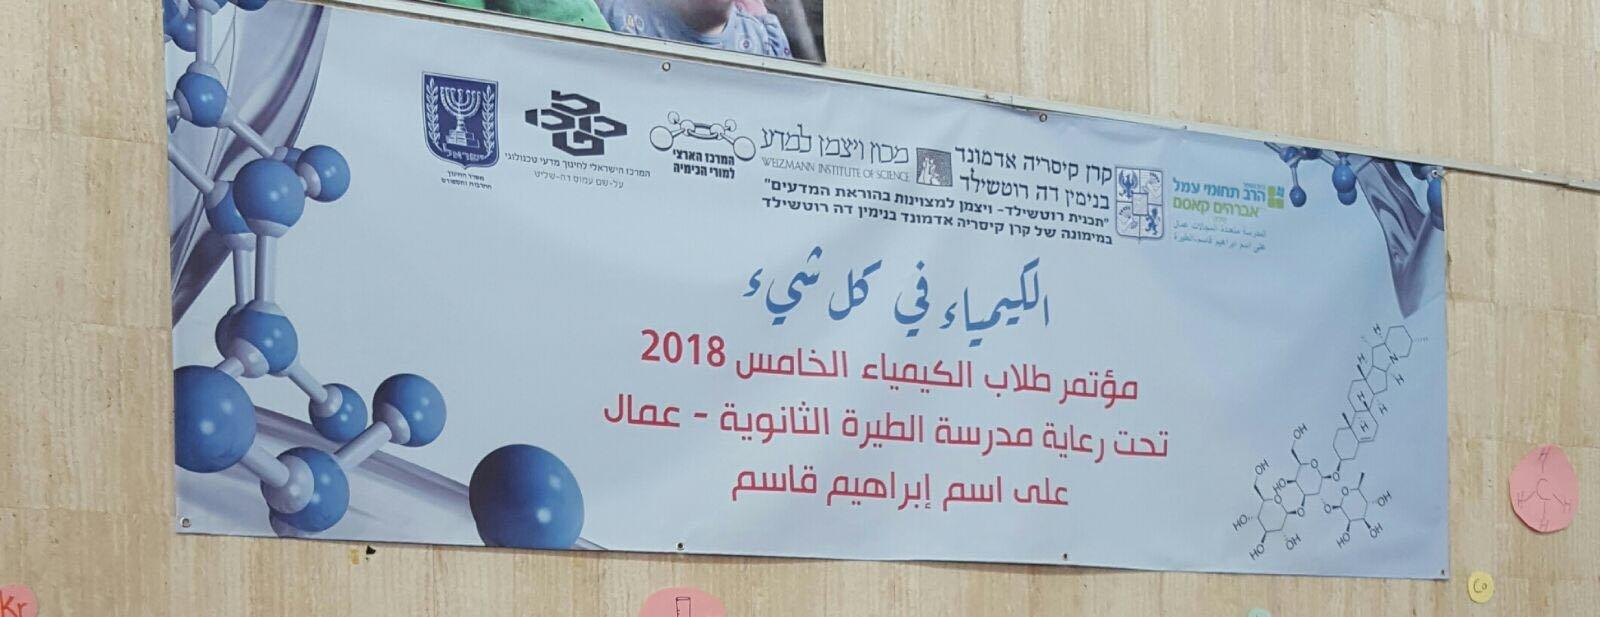 الثانوية الشاملة في كفر قاسم تشارك في مؤتمر الكيمياء الخامس في الطيرة..